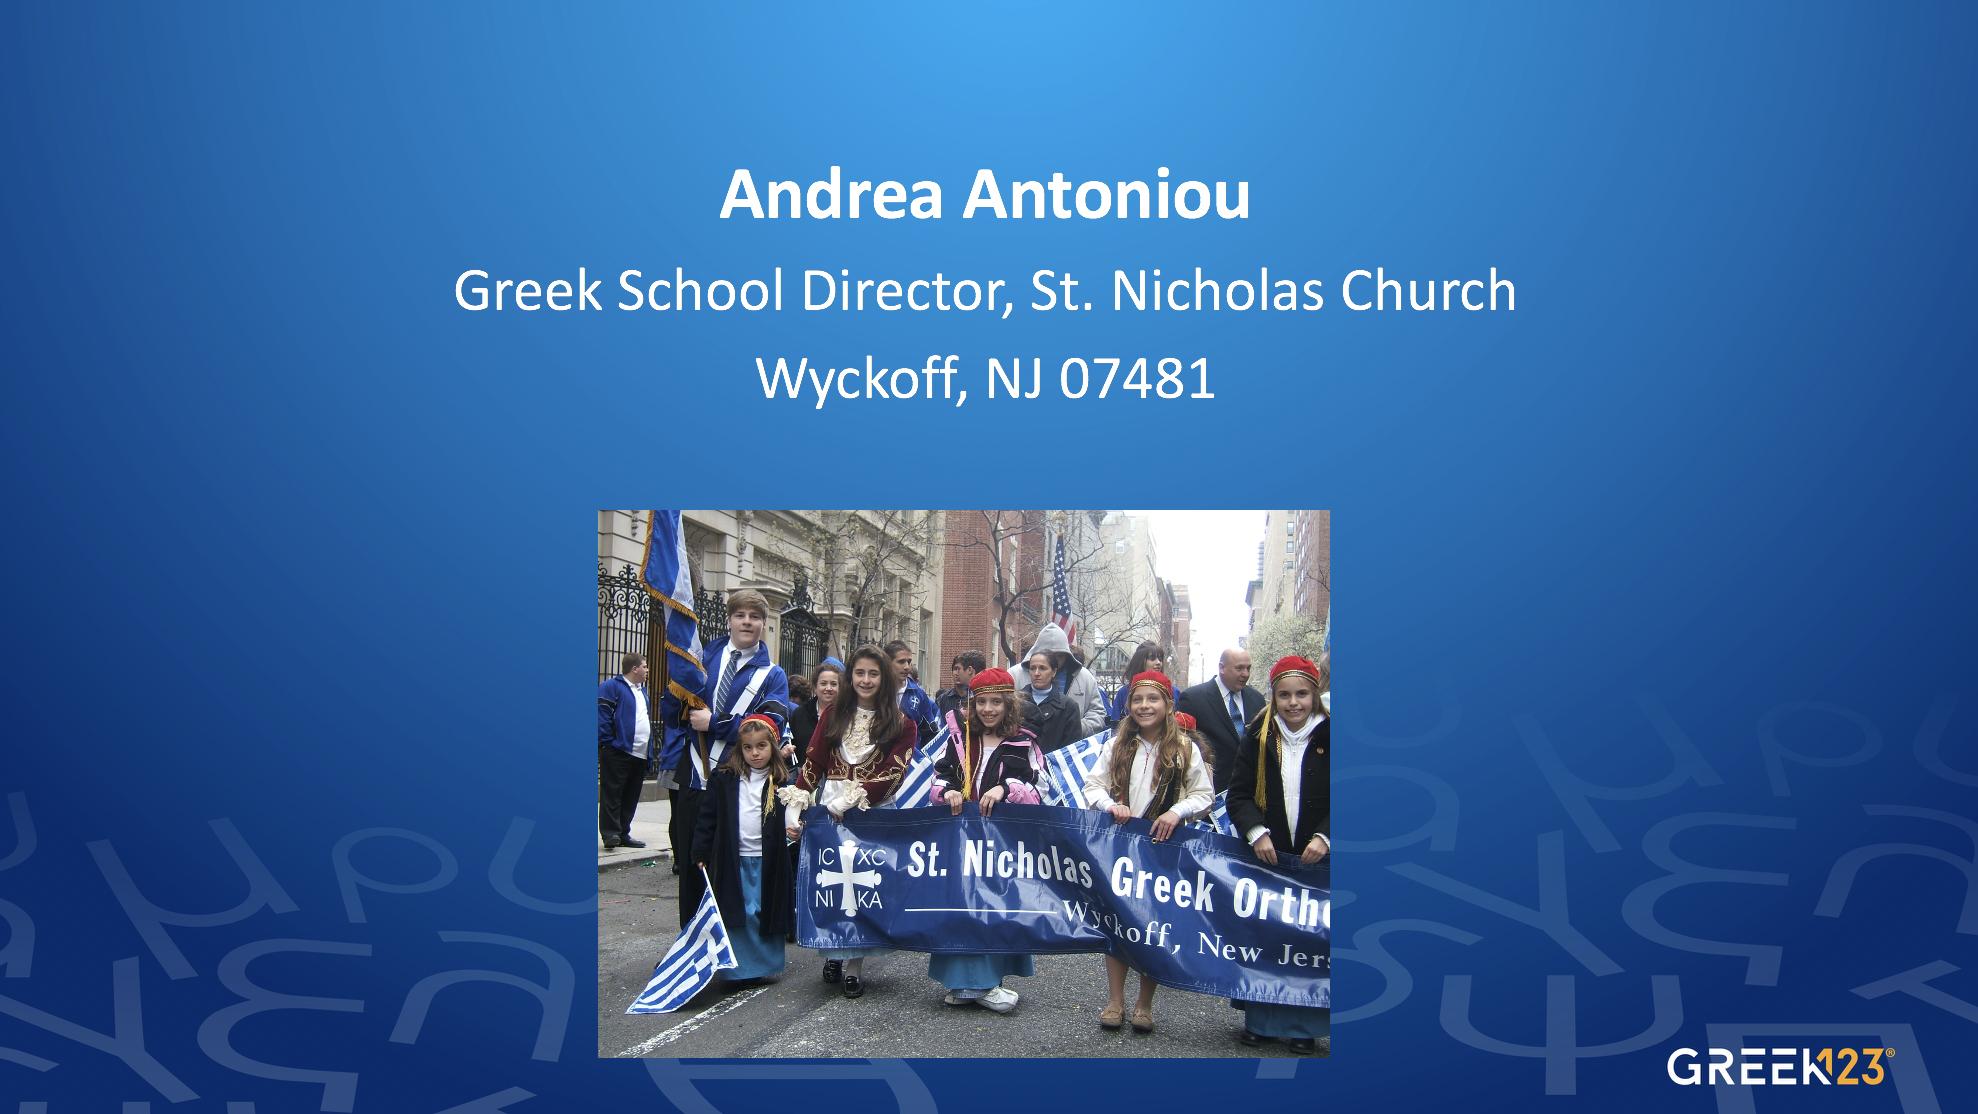 Andrea Antoniou, Greek School Director